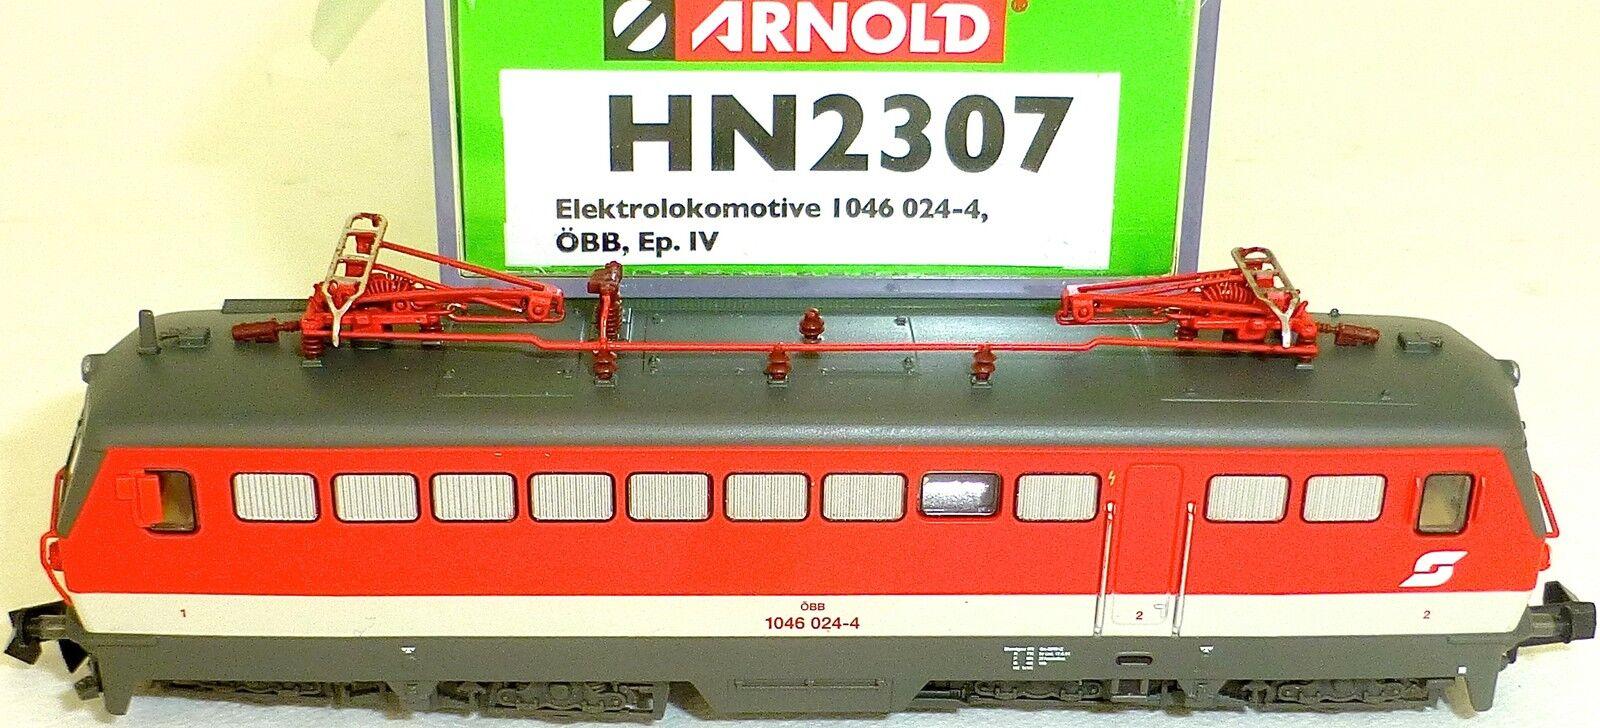 ÖBB Series 1046 024 4 E-Locomotive E-Locomotive E-Locomotive Ep. IV Dss Kkk Arnold Hn2307 N 1 160 Ovp Hr3 2d0d5f